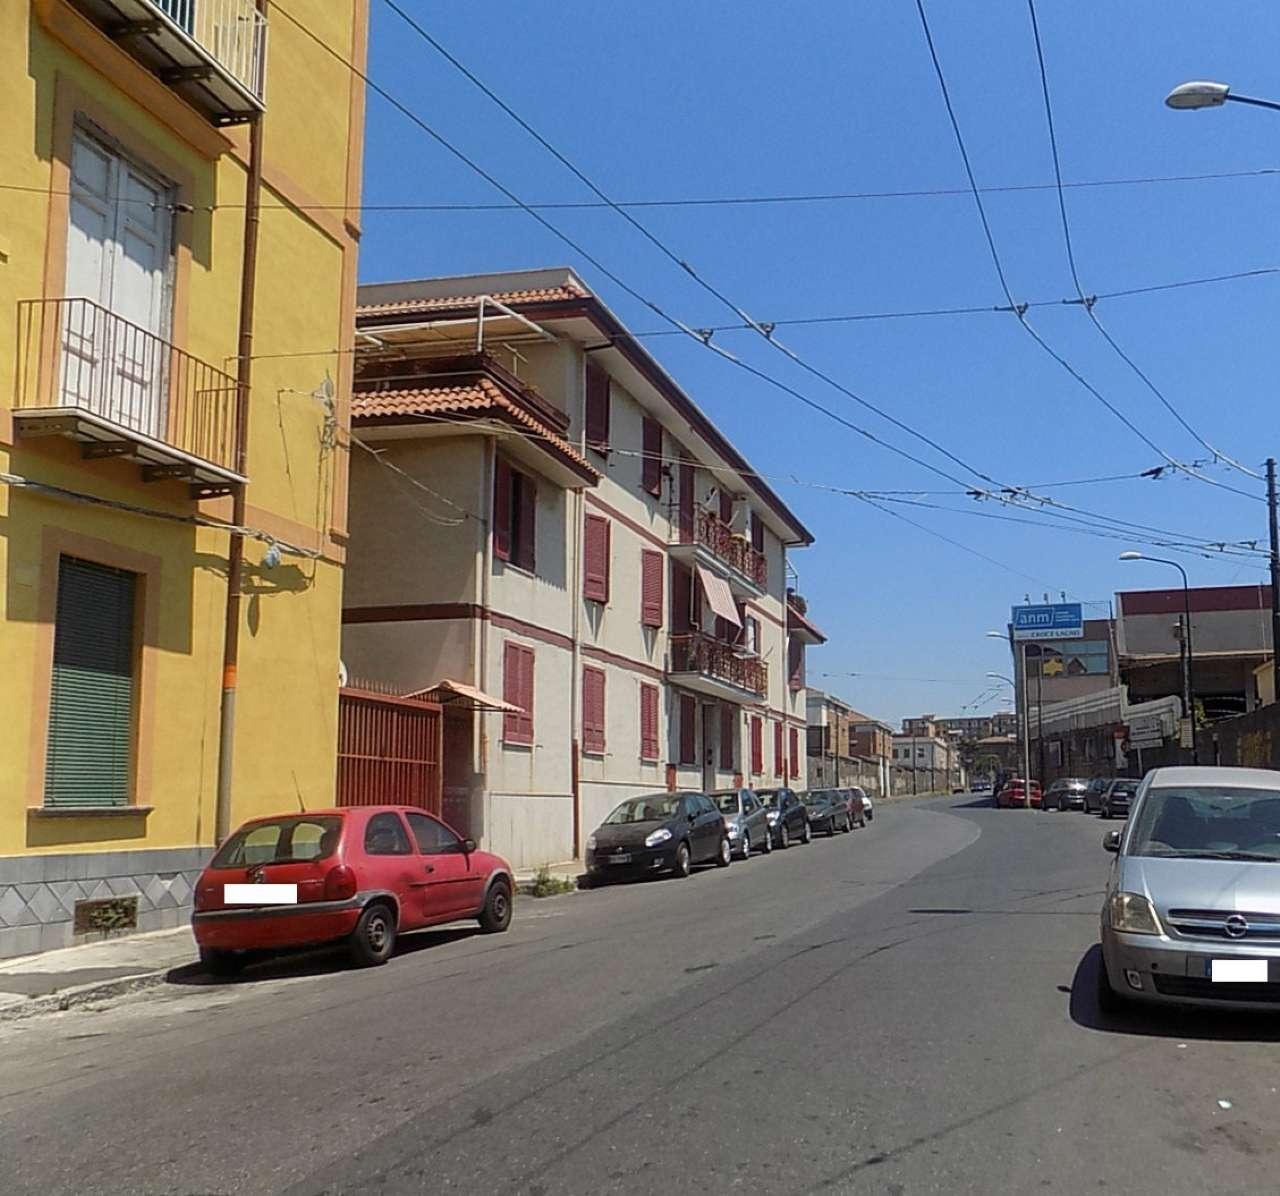 Negozio / Locale in affitto a San Giorgio a Cremano, 1 locali, prezzo € 250 | CambioCasa.it